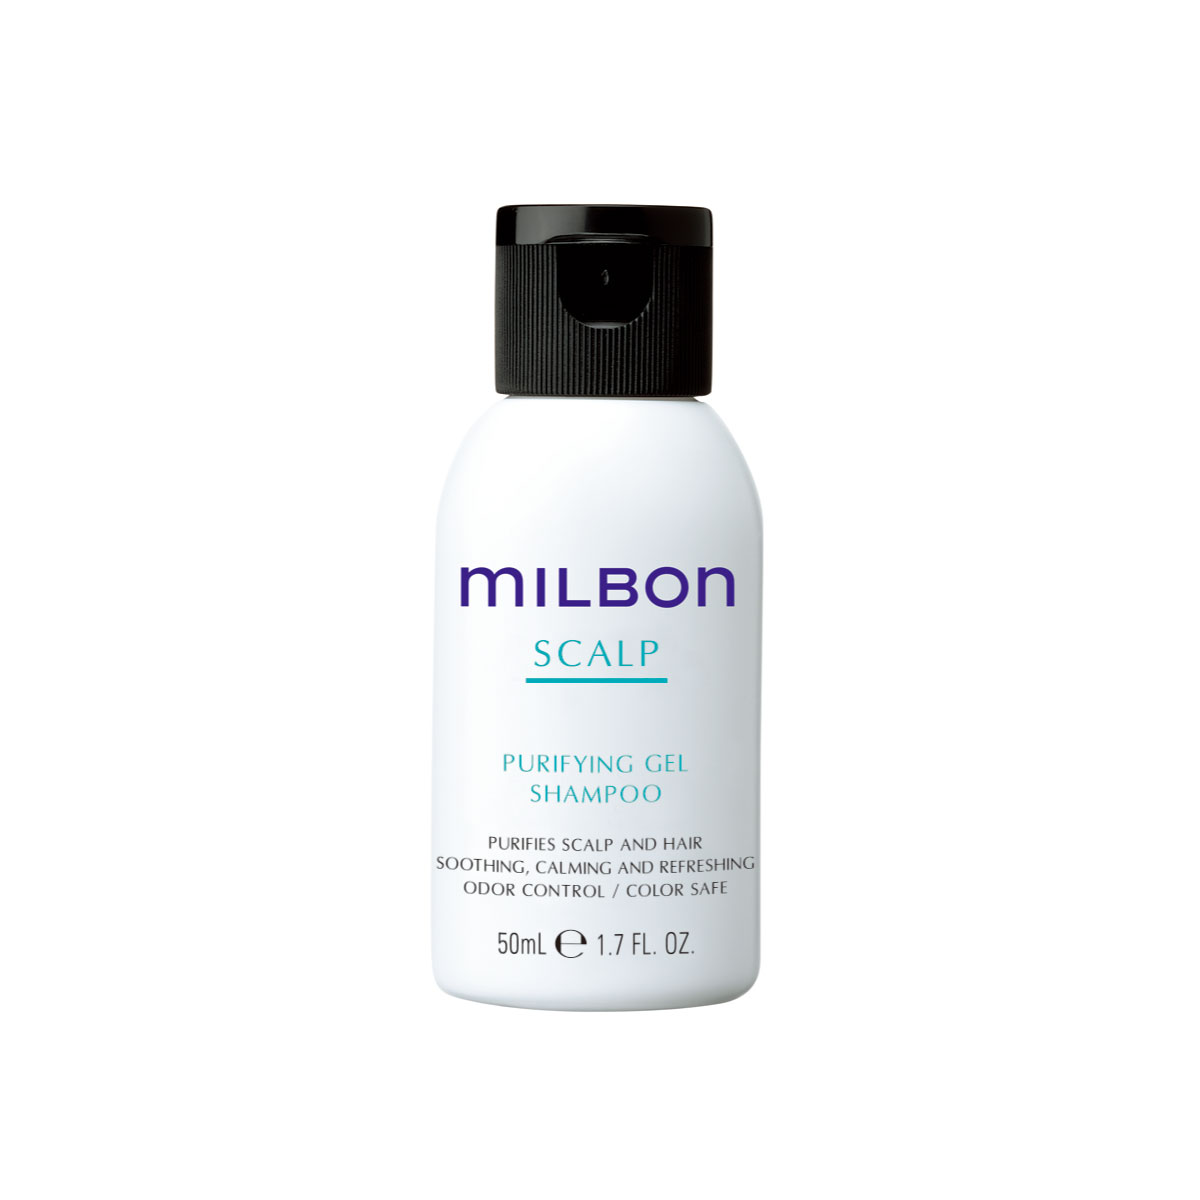 ミルボン スカルプ (milbon scalp) image07